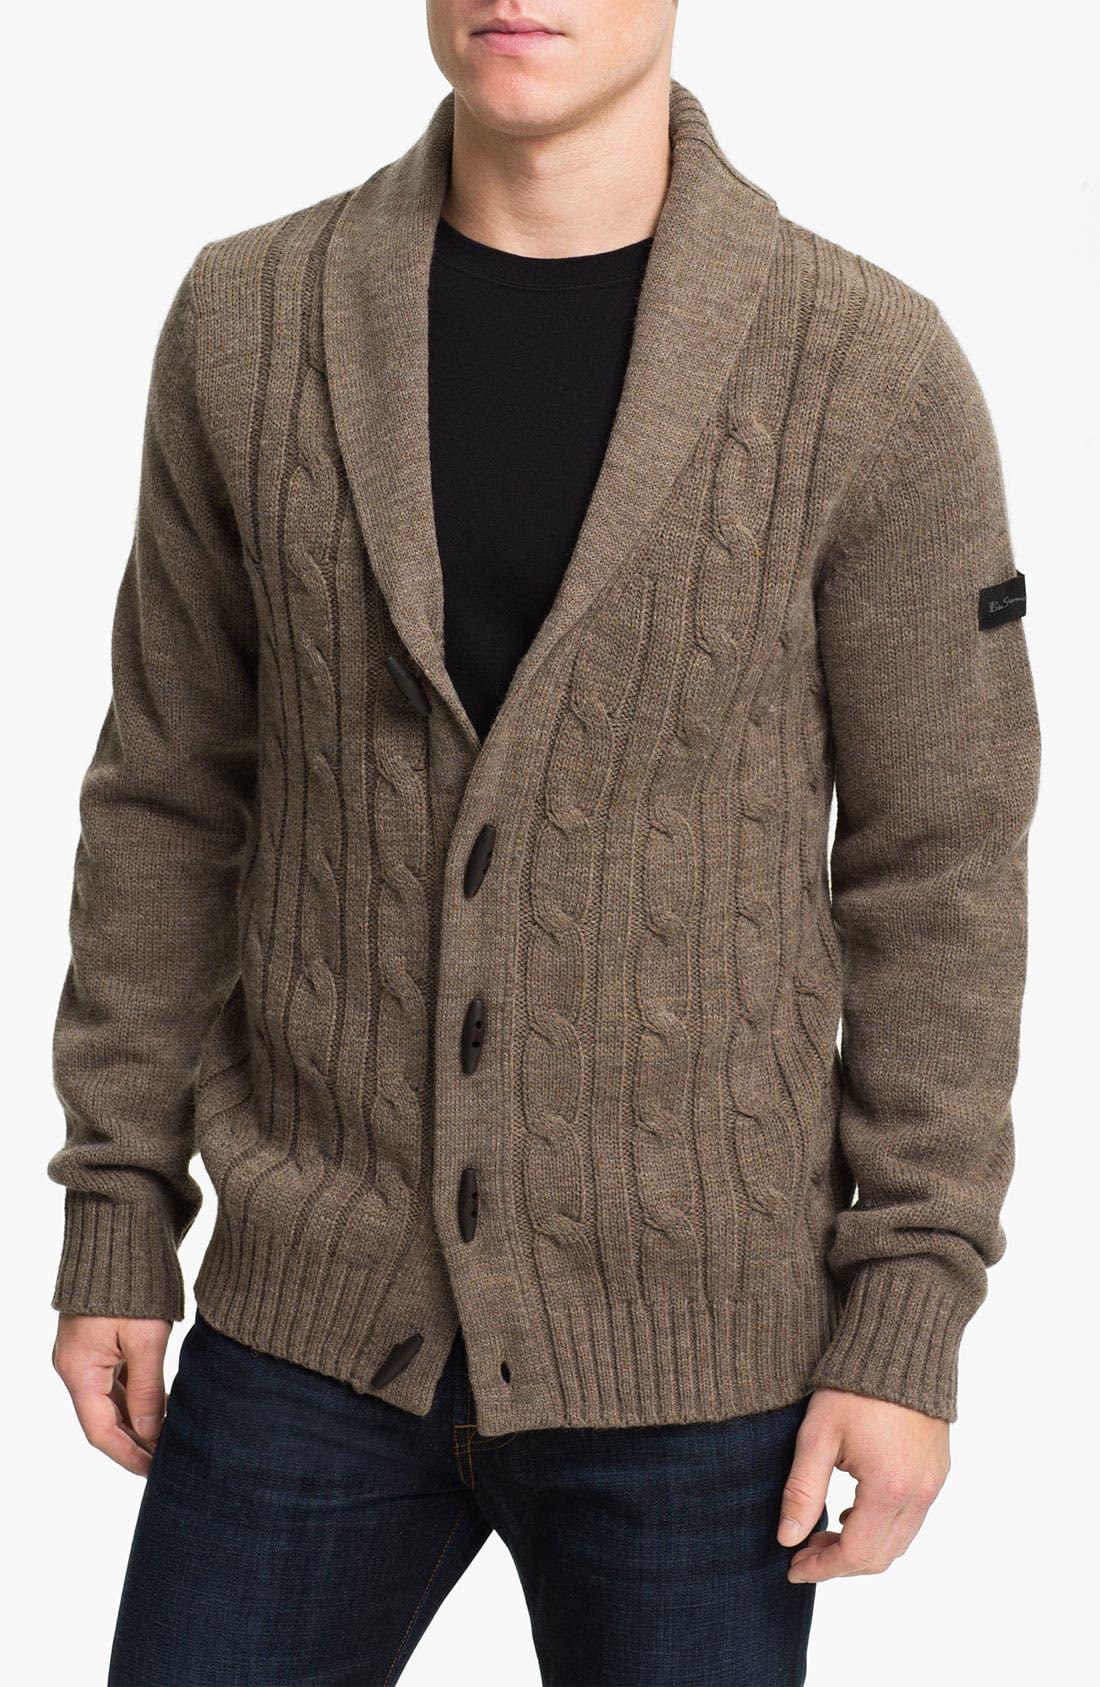 Alternate Image 1 Selected - Ben Sherman Shawl Collar Cardigan